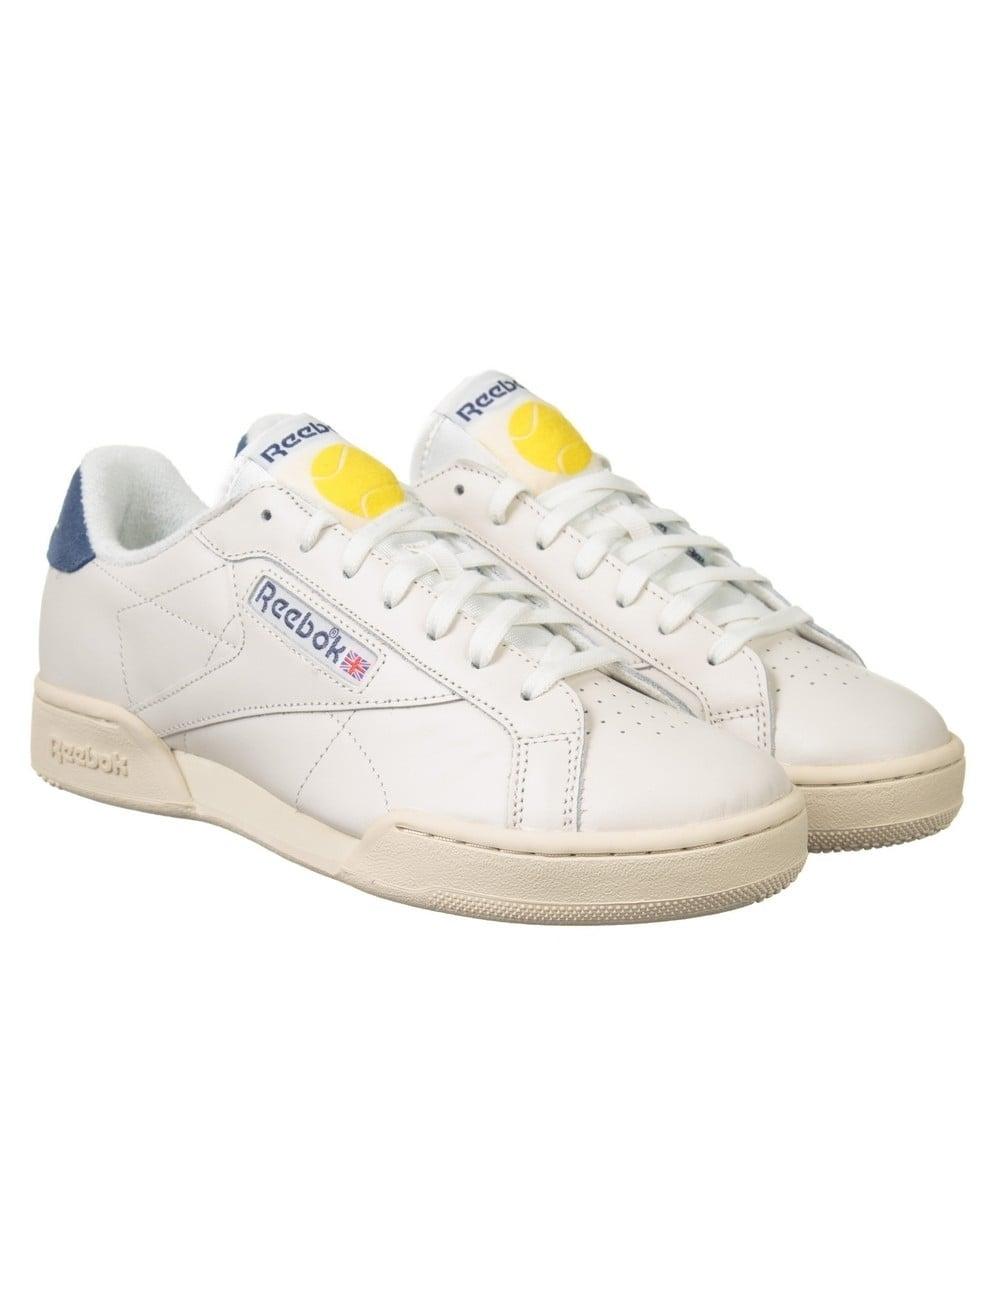 best service 37a5e a9e8b Reebok NPC UK II TB Shoes - Chalk Paper White